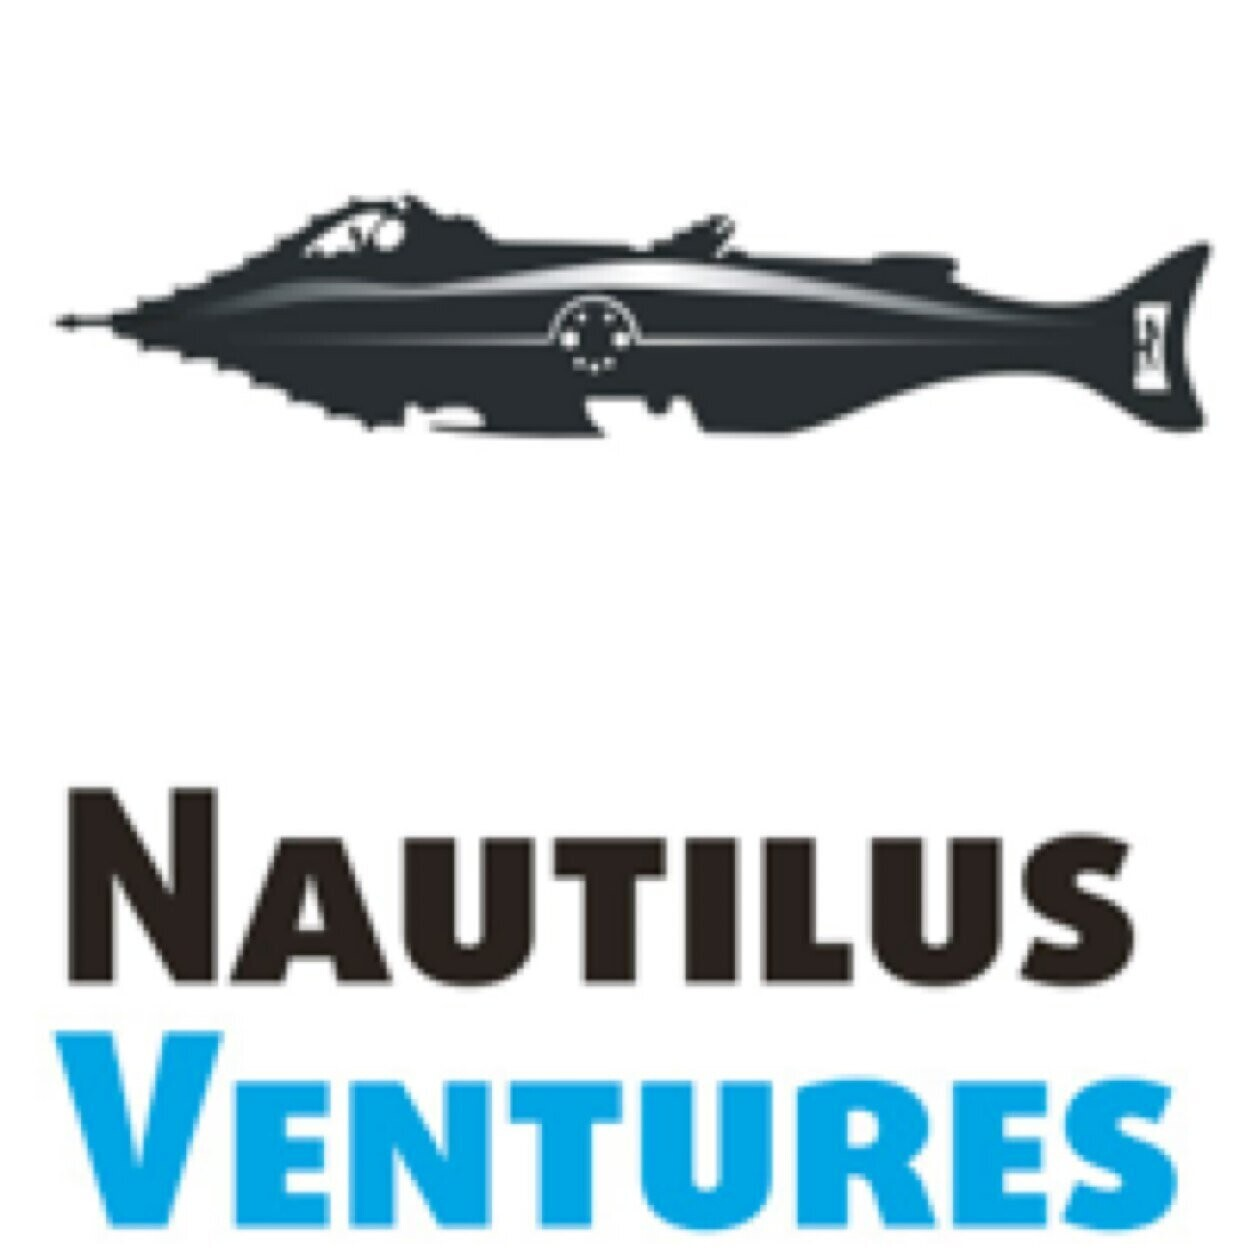 Nautilus Ventures